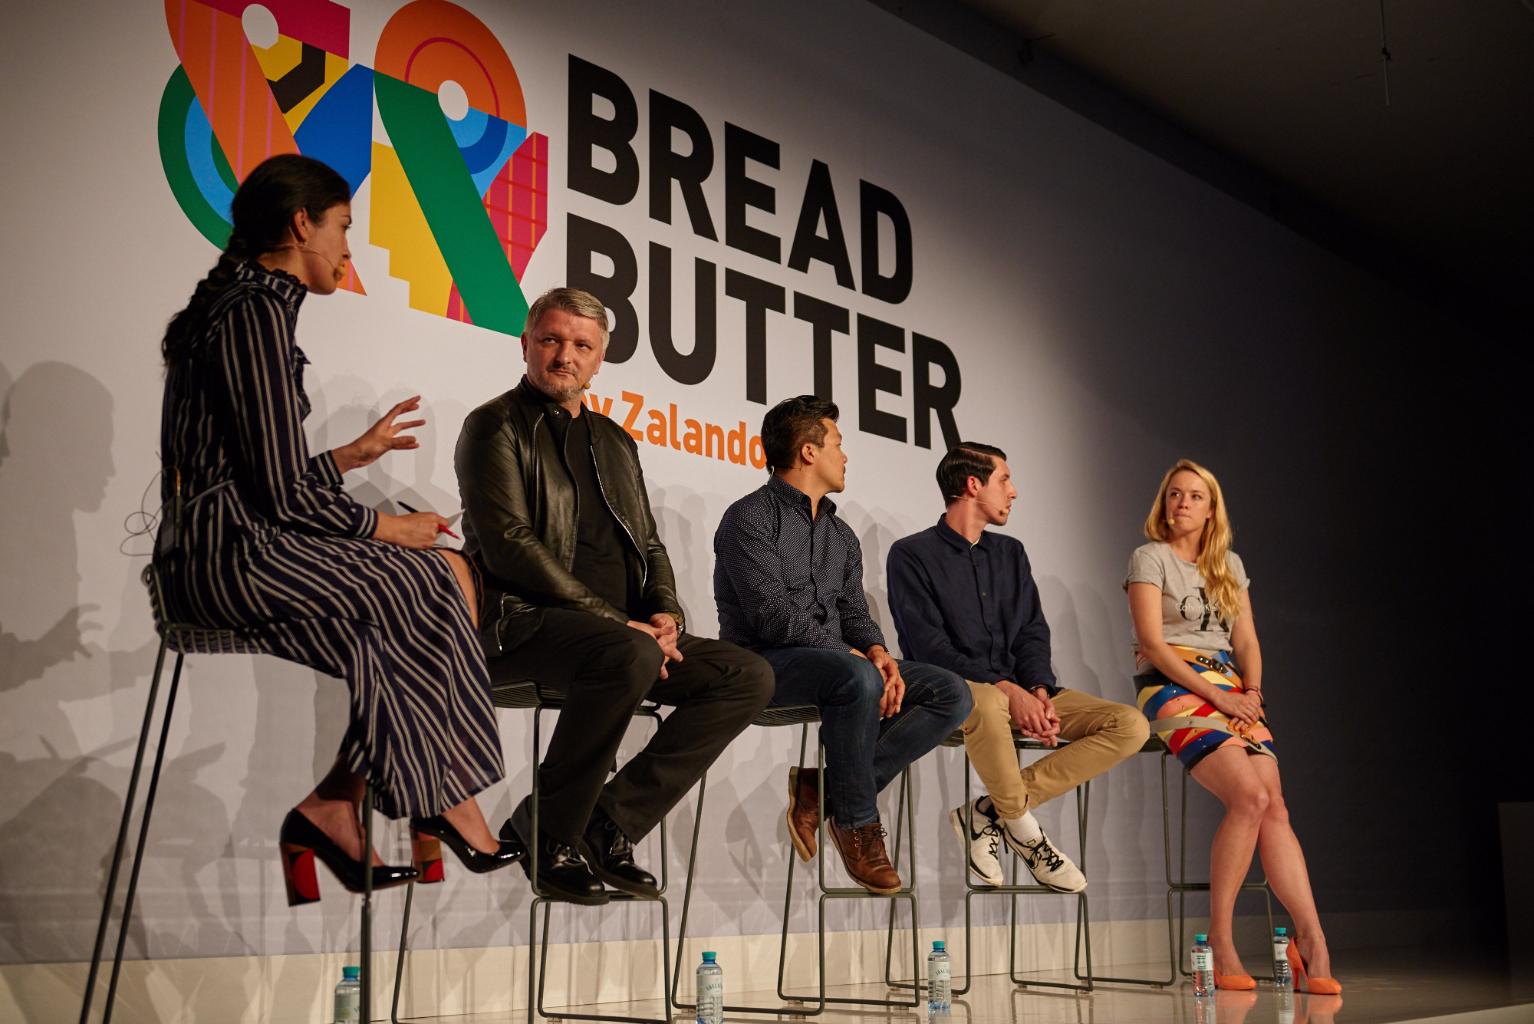 BREAD&BUTTER BY ZALANDO